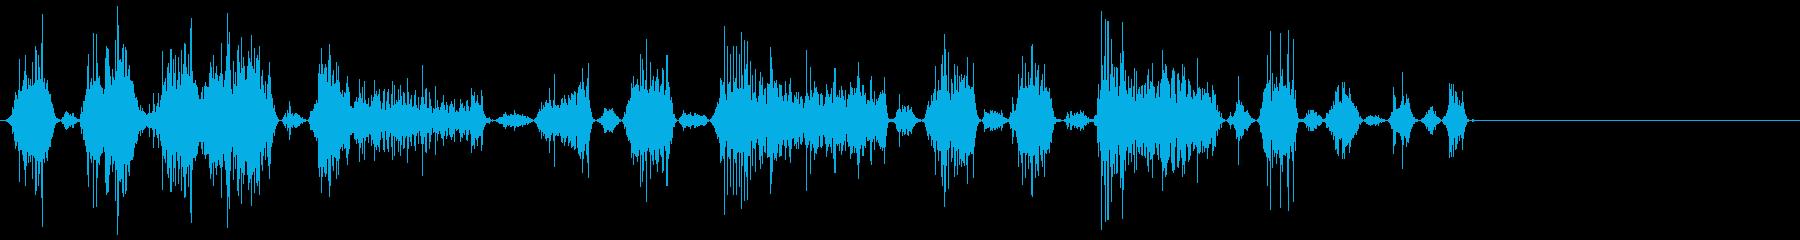 モンスター怒り1の再生済みの波形